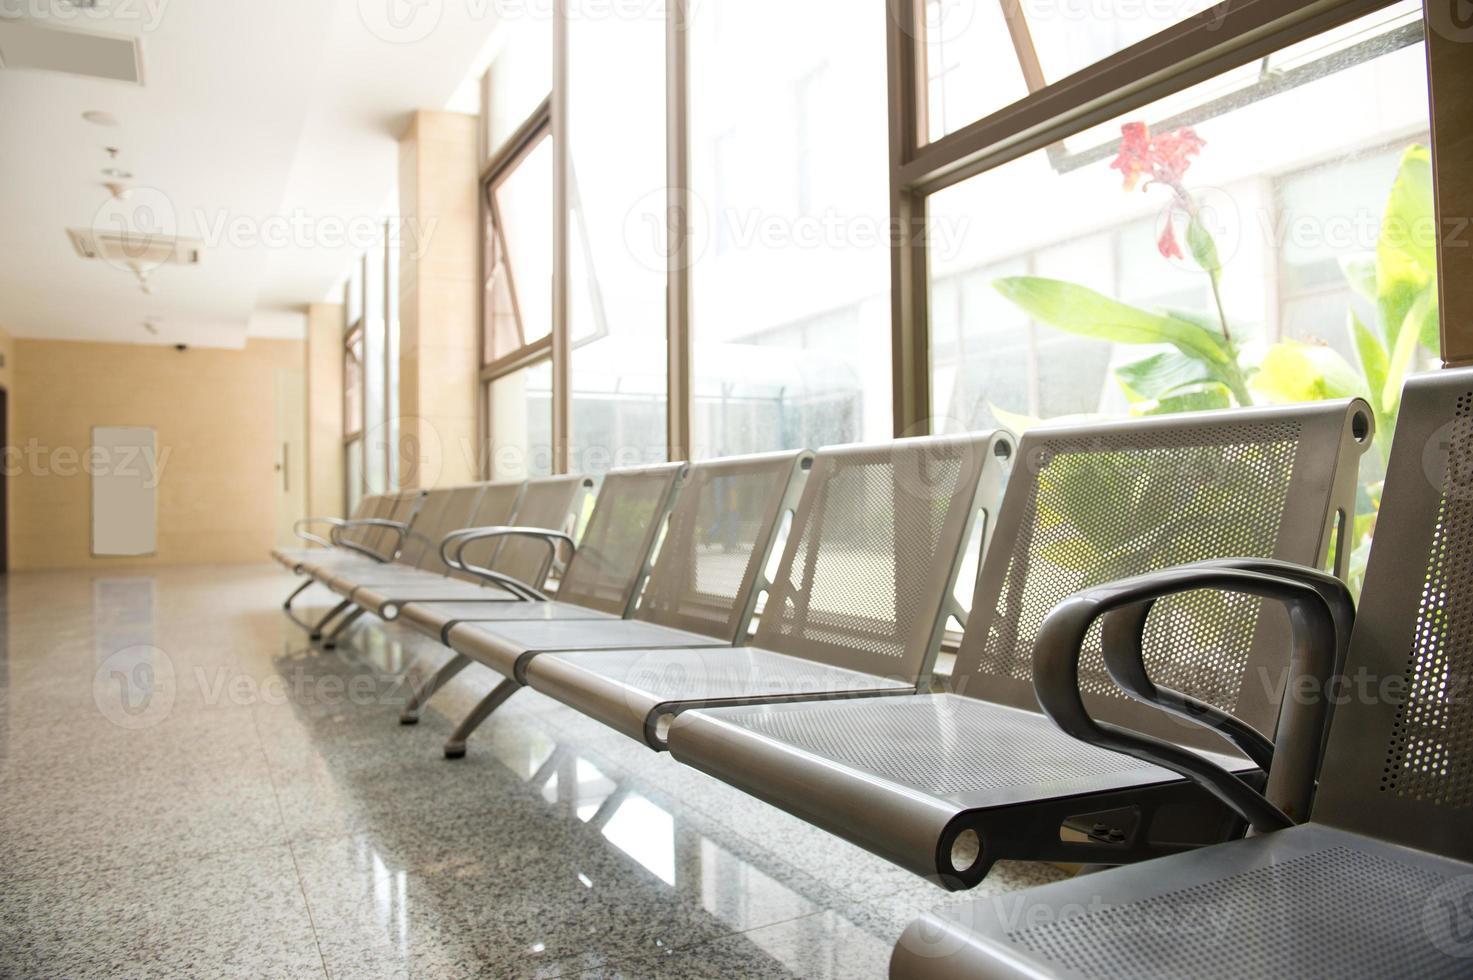 Wartezimmer eines Krankenhauses mit Stühlen foto